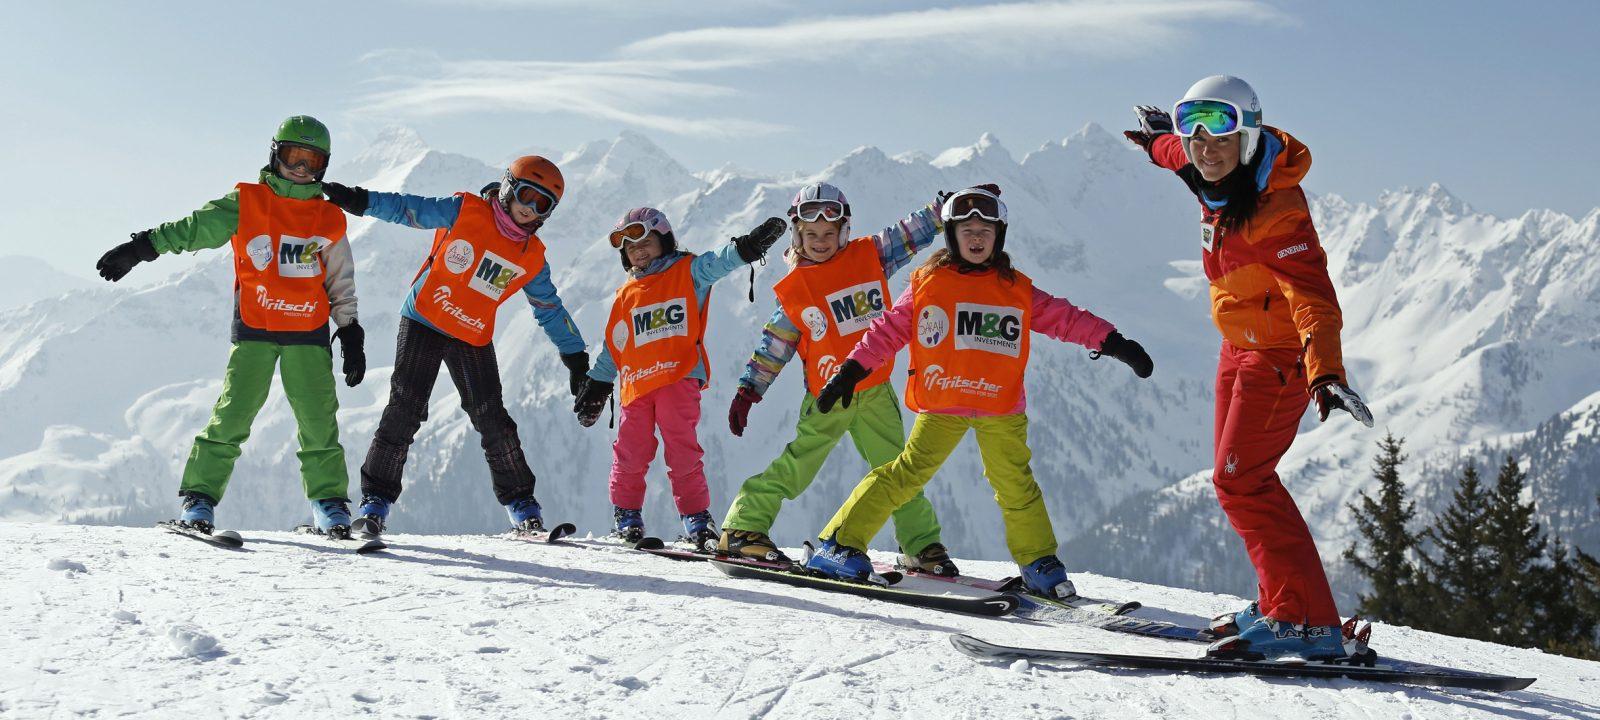 Tritscher Ski 2 F